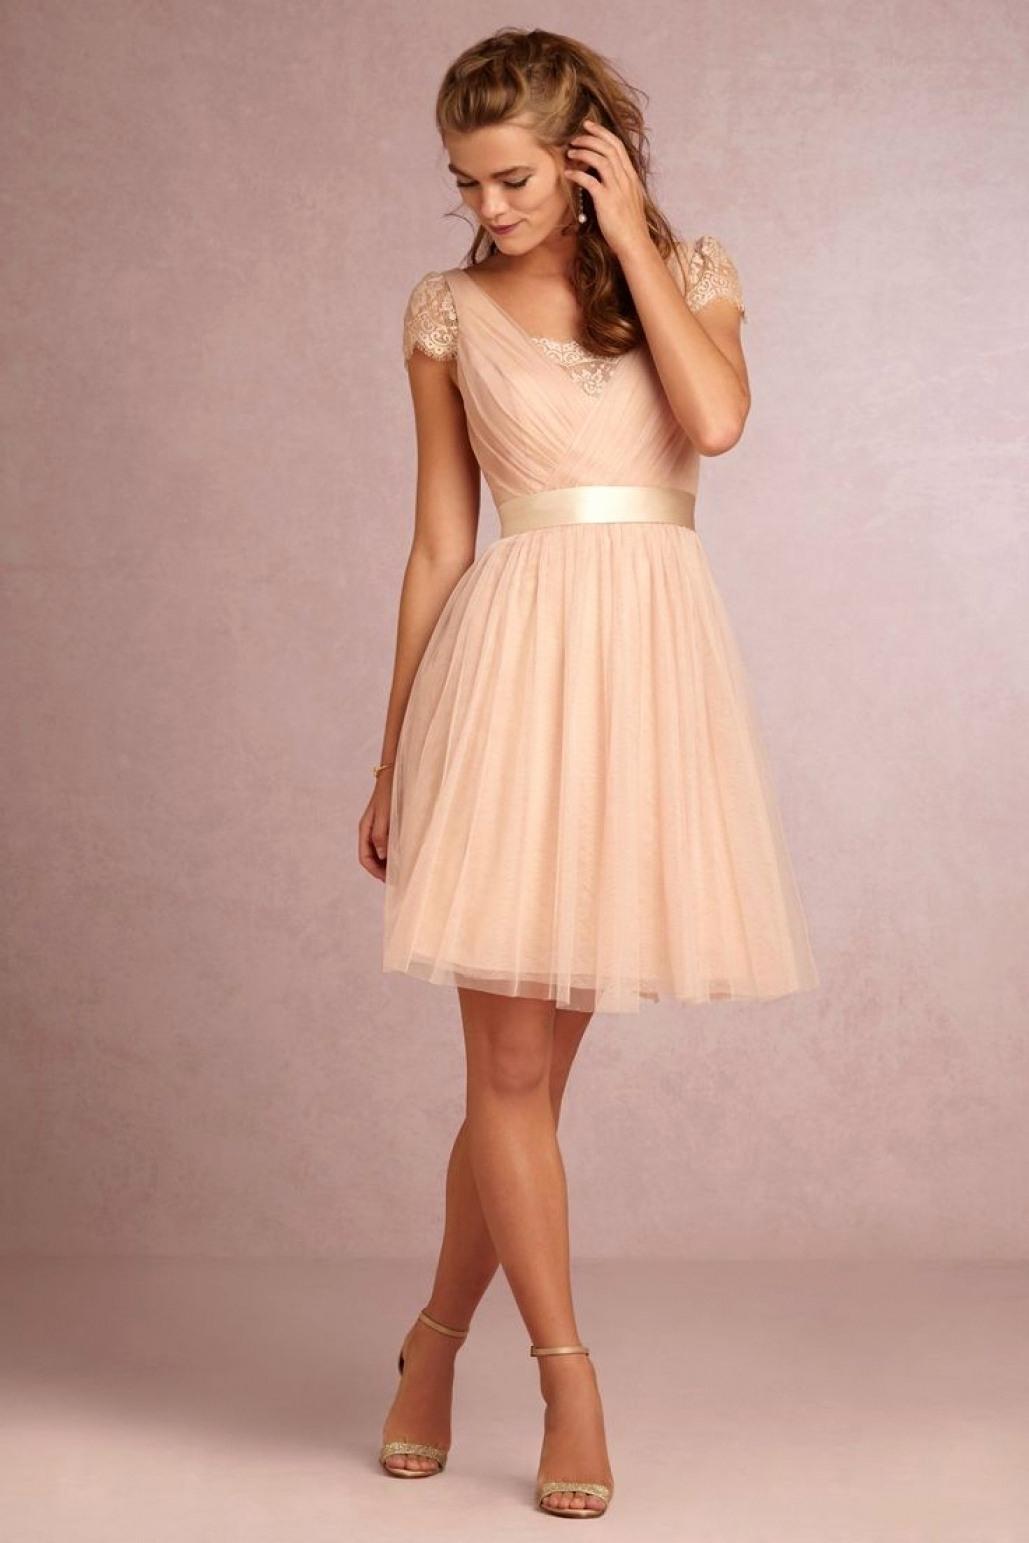 10 Großartig Hübsche Kleider Spezialgebiet13 Genial Hübsche Kleider Ärmel